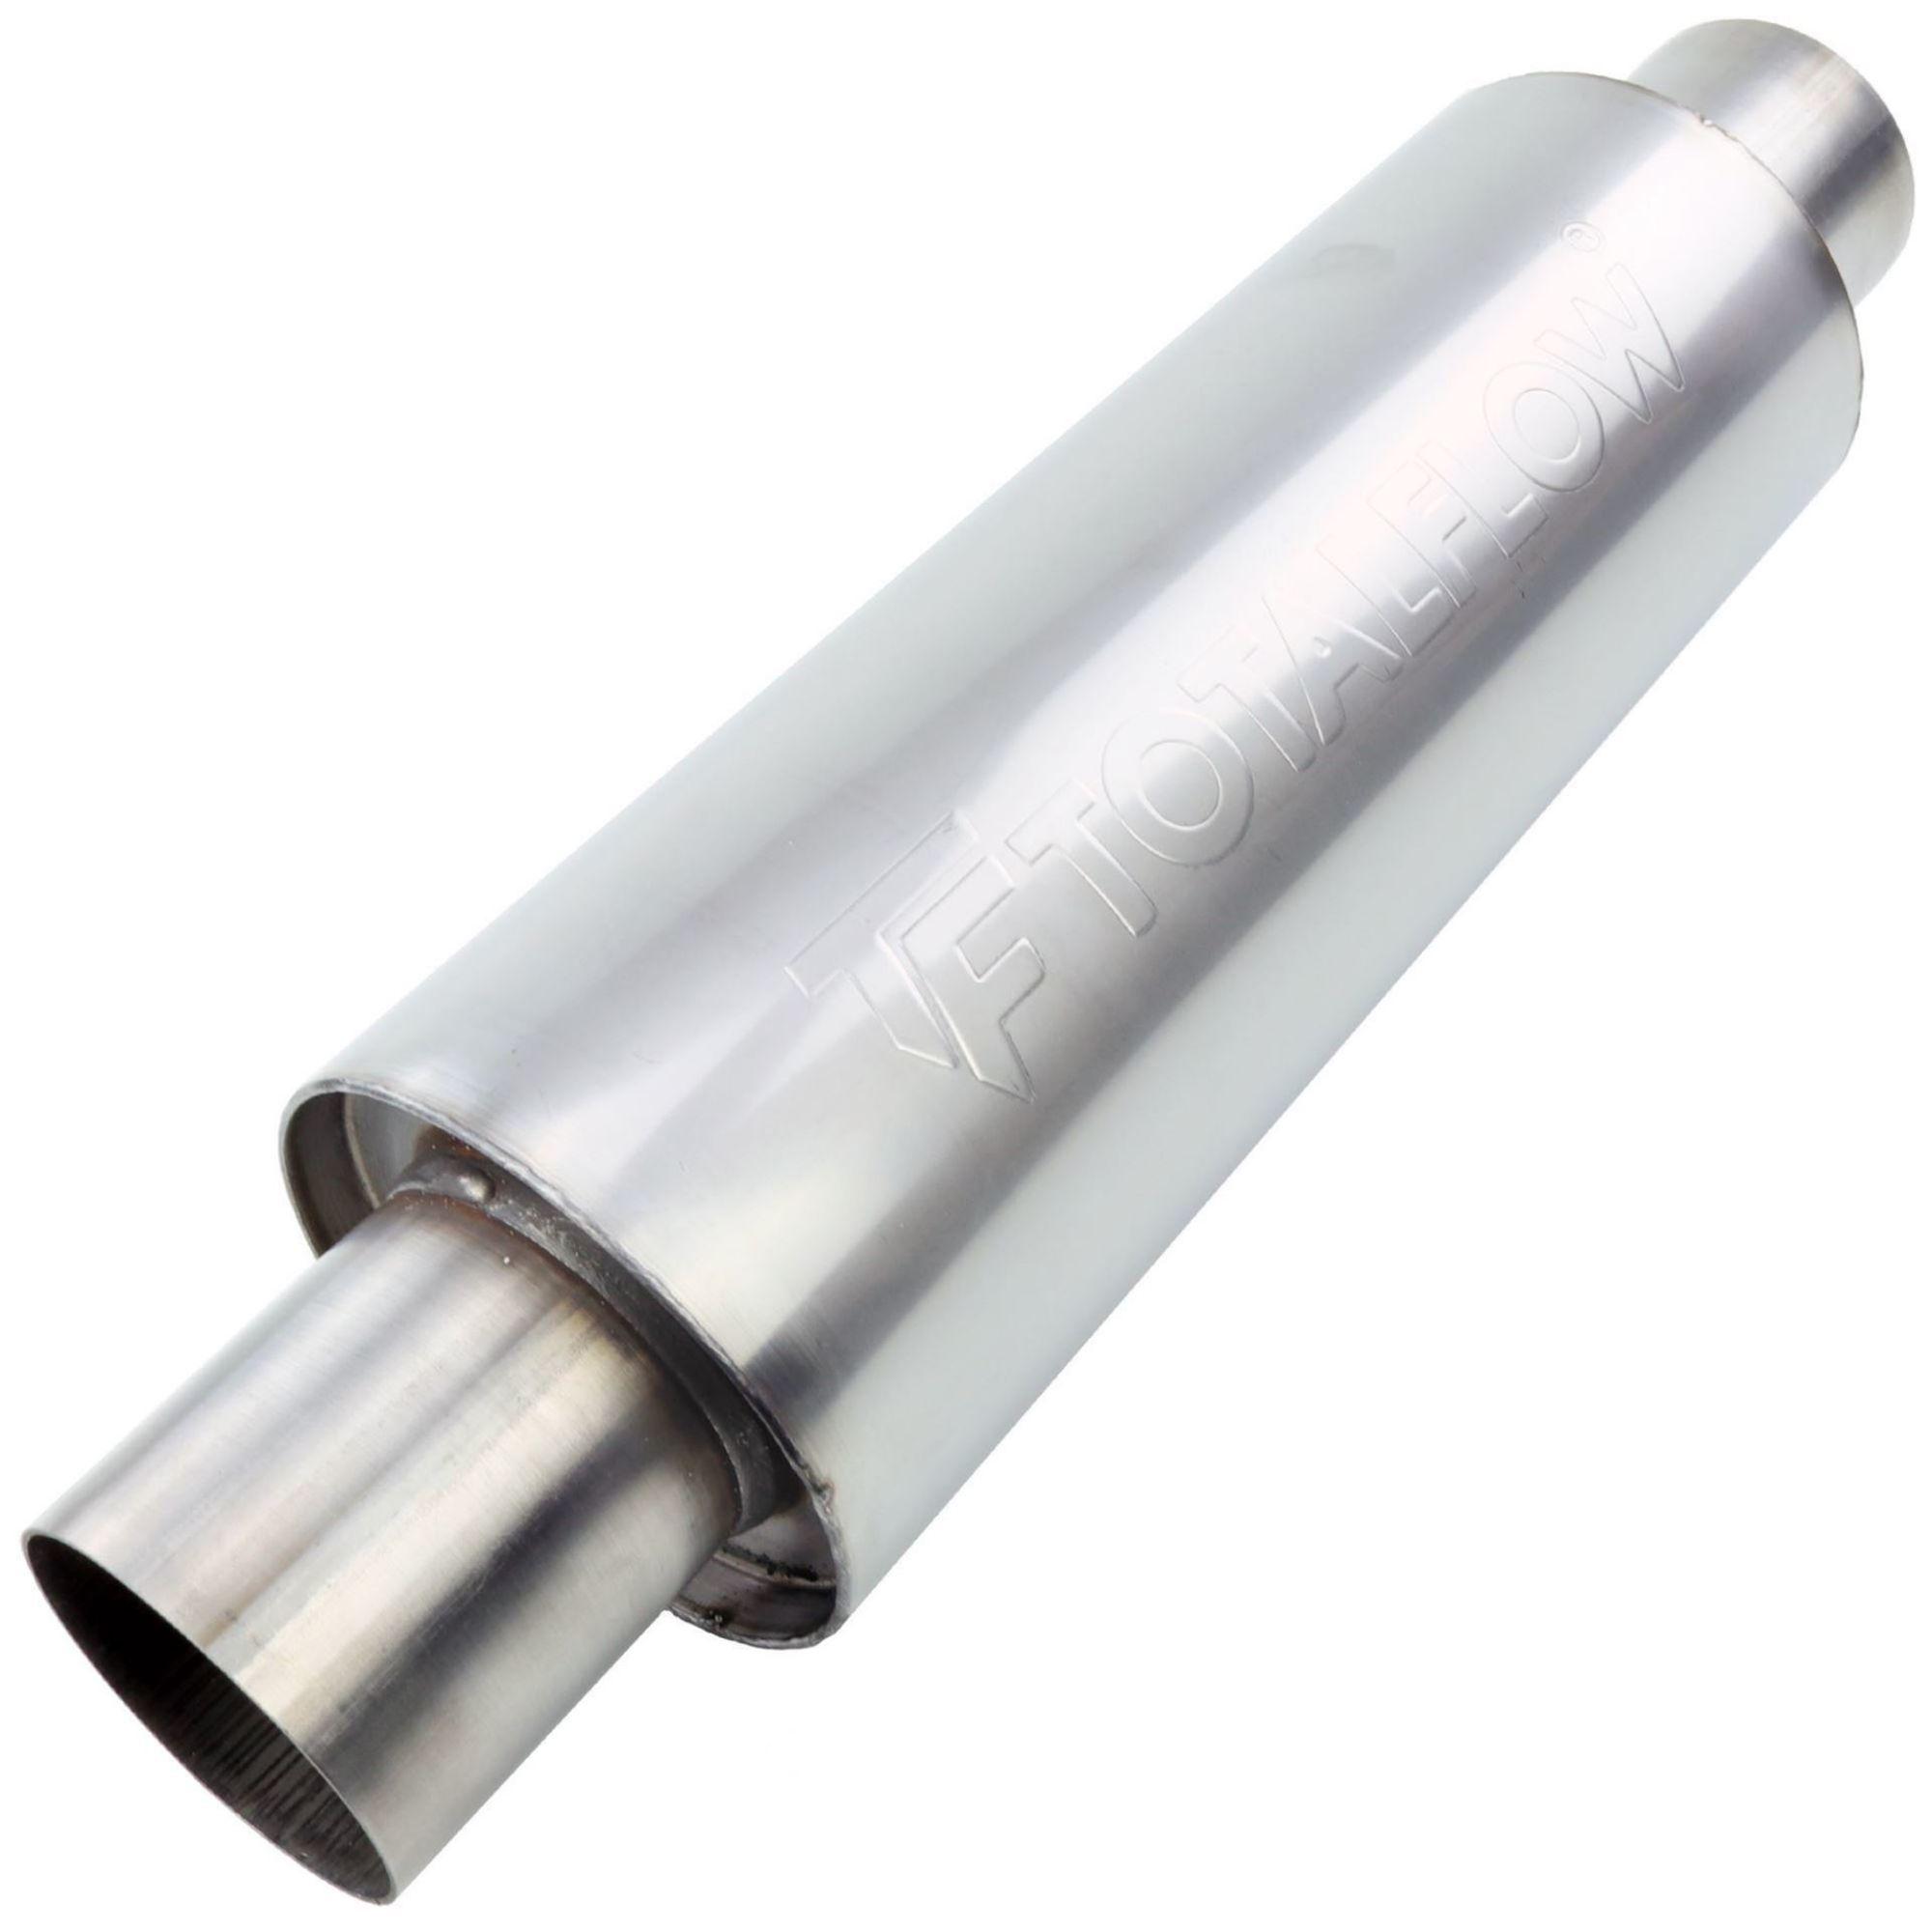 TOTALFLOW 22415 Straight Through Universal Exhaust Muffler - 2.25 Inch ID